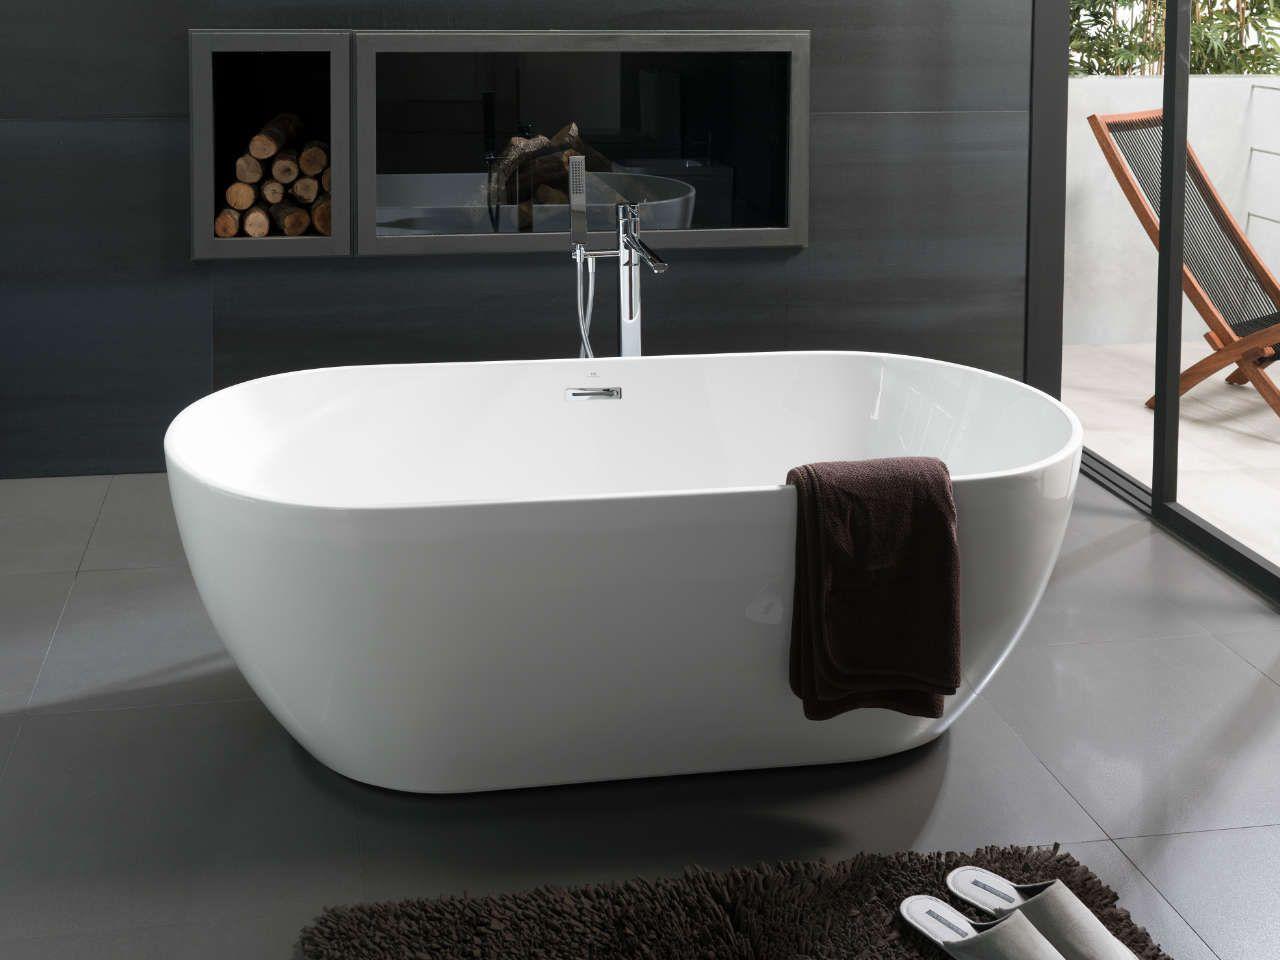 Bañera o ducha? La mejor opción para tu baño | Romina Parquet ...